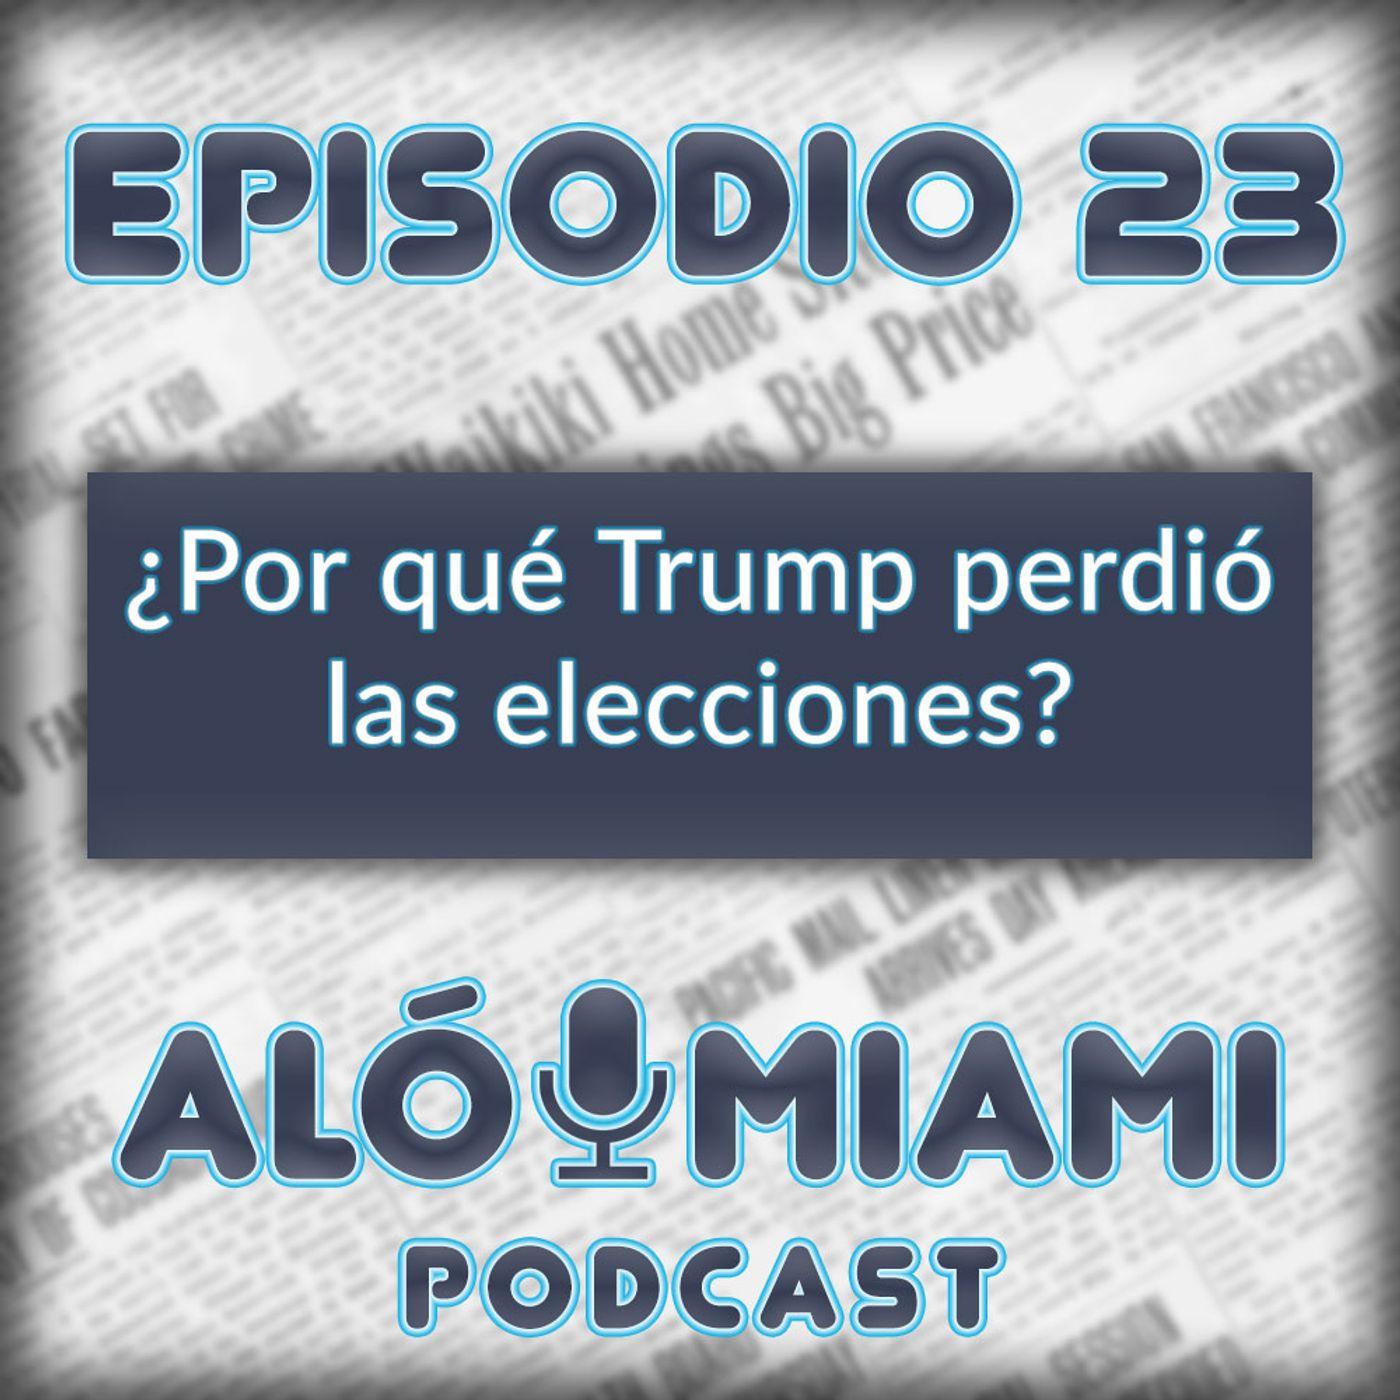 Aló Miami- Ep.23 - ¿Por qué Trump perdió las elecciones?